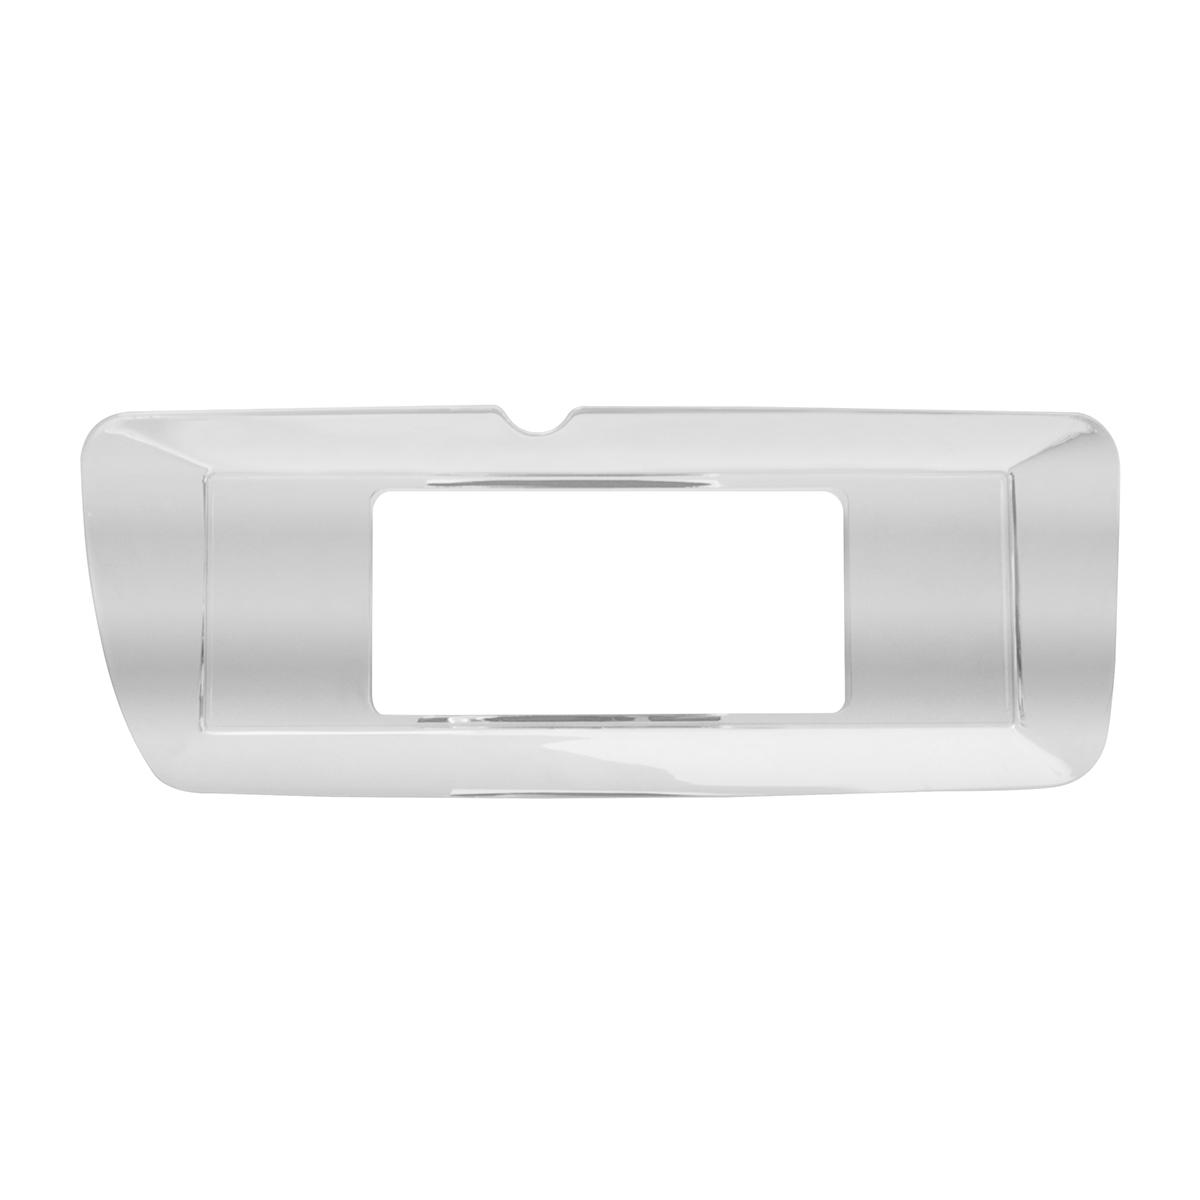 67846 Headliner Pocket Bezel w/ Engine Monitor for Driver Side Kenworth W&T